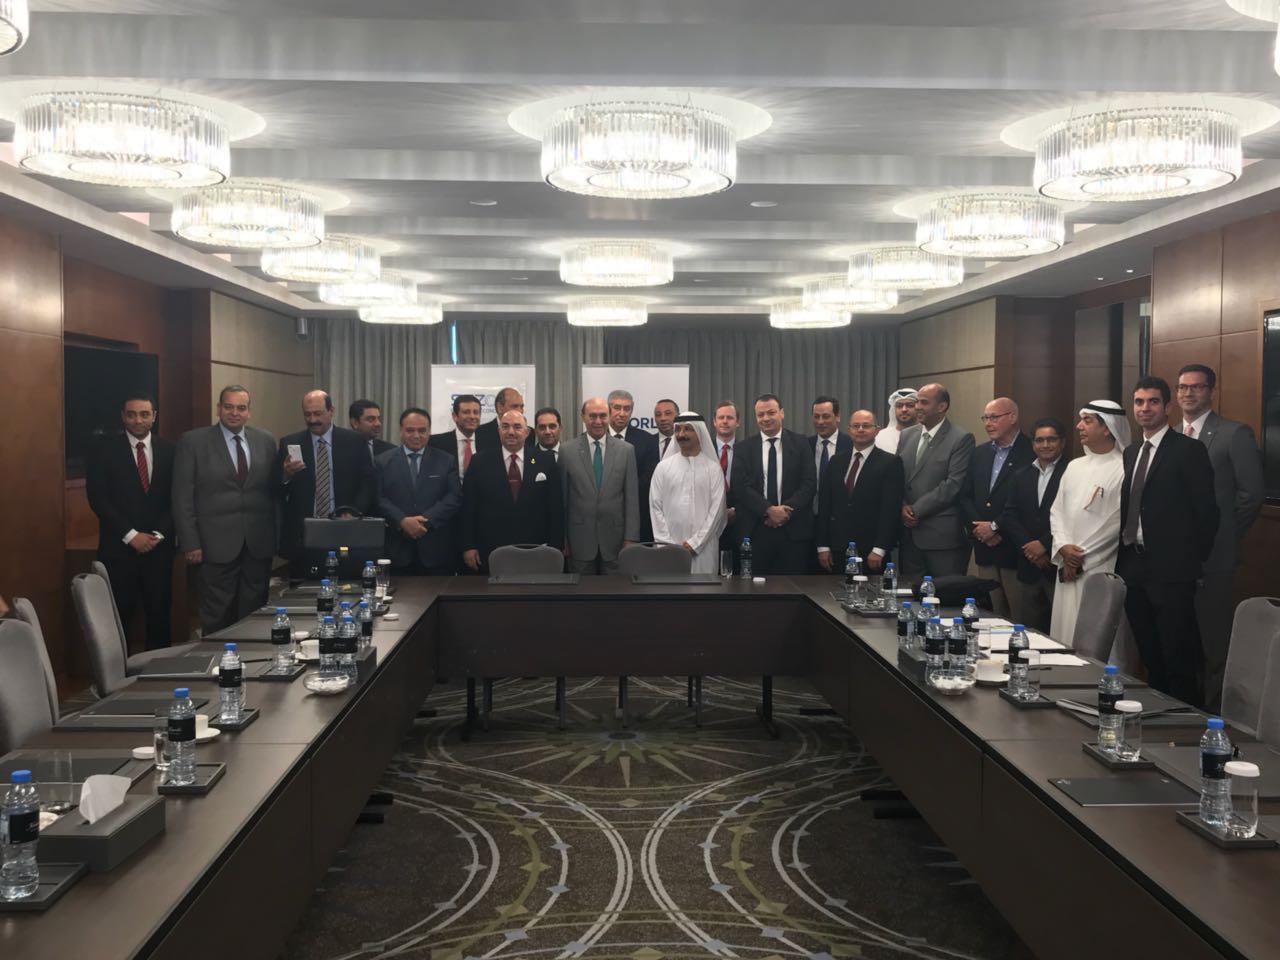 توقيع عقد شراكة بين موانئ دبي العالمية وقناة السويس